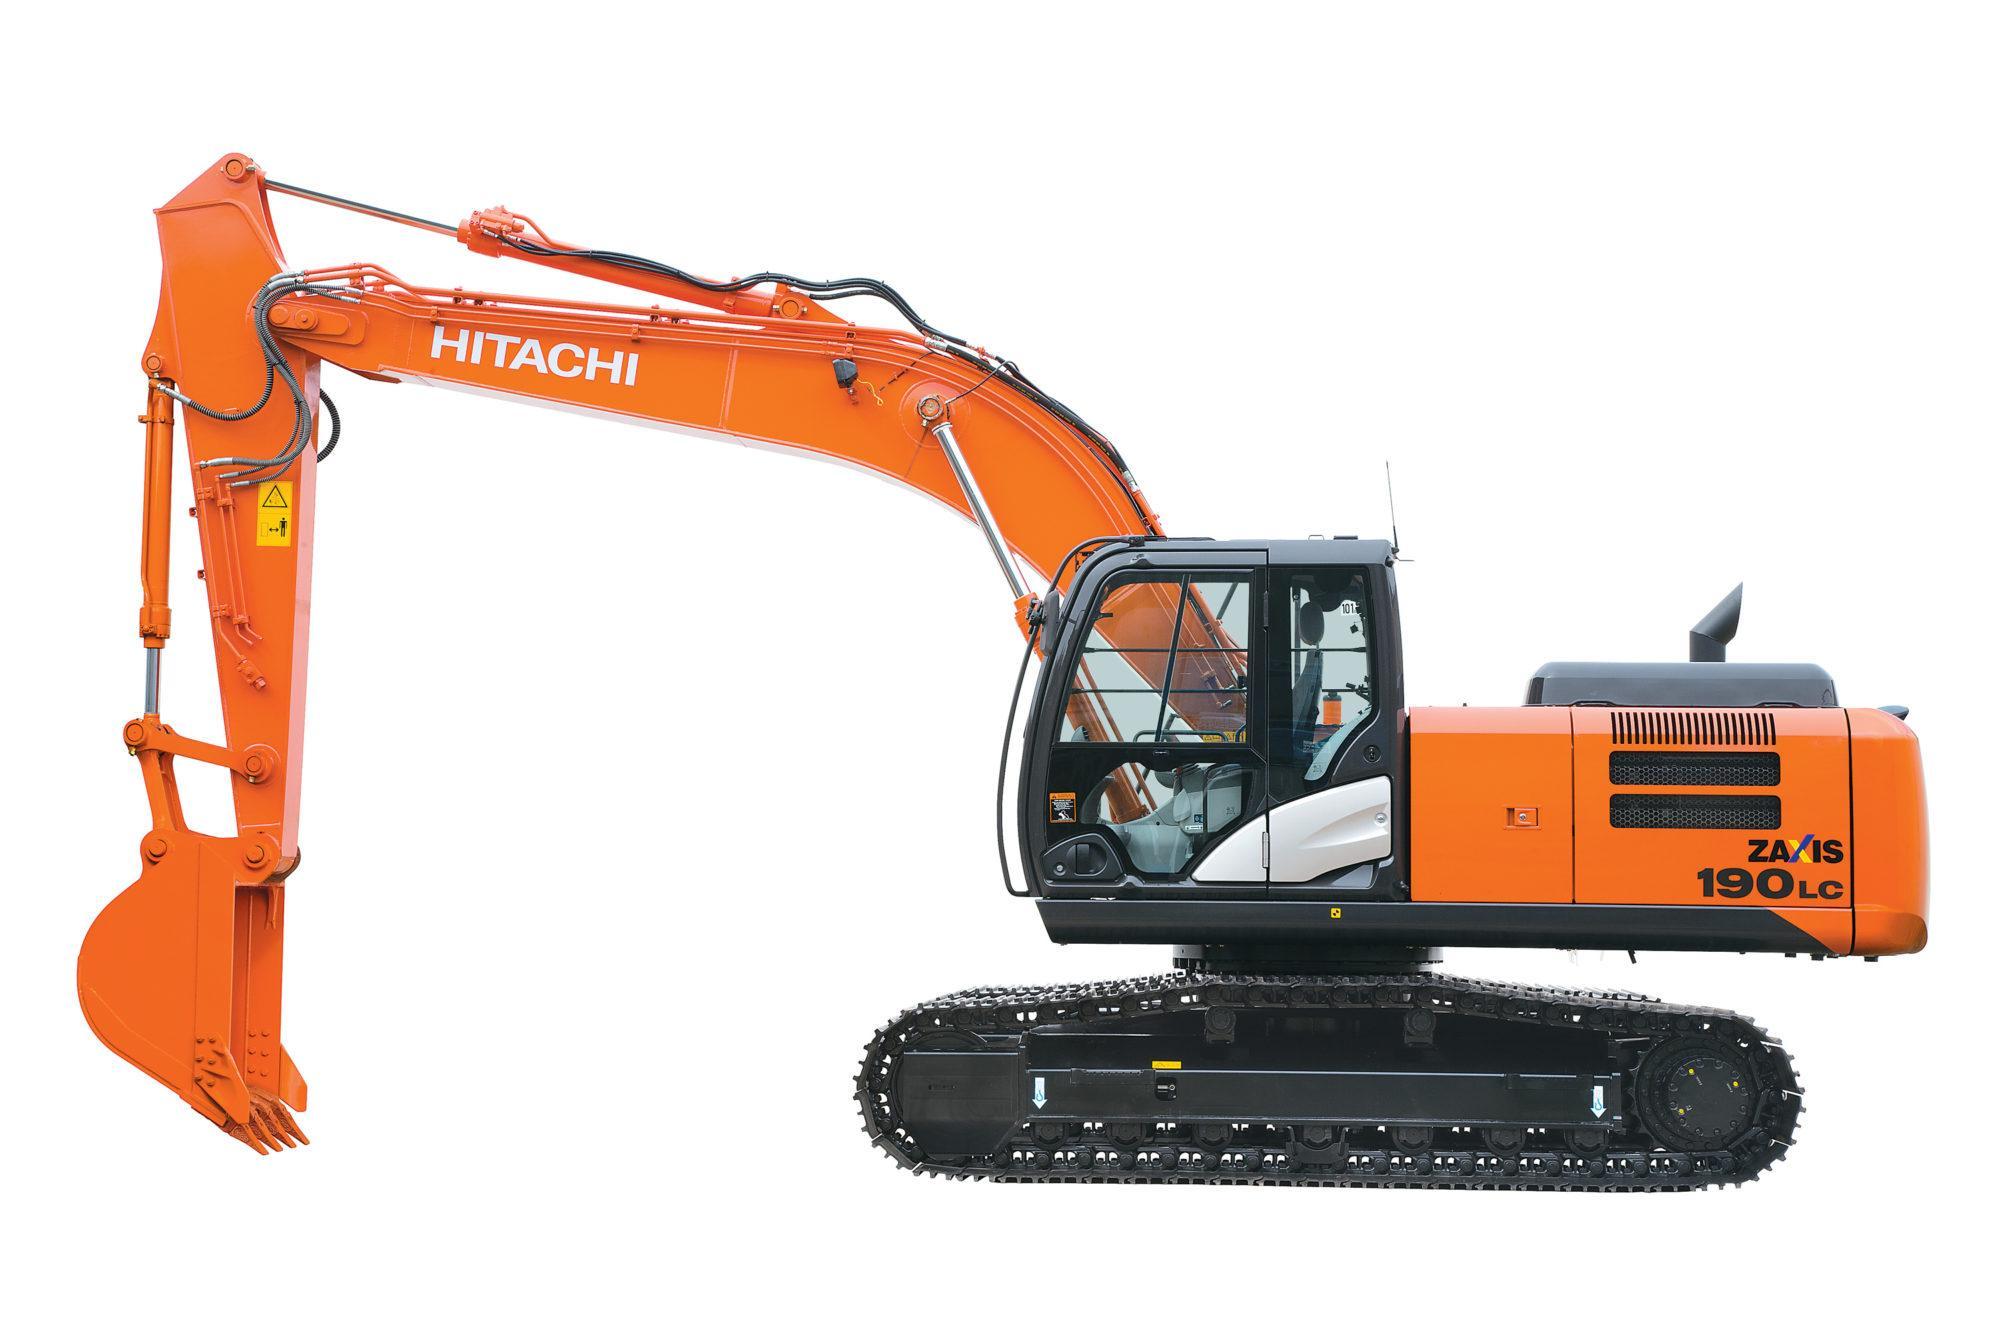 HITACHI ZX200LC